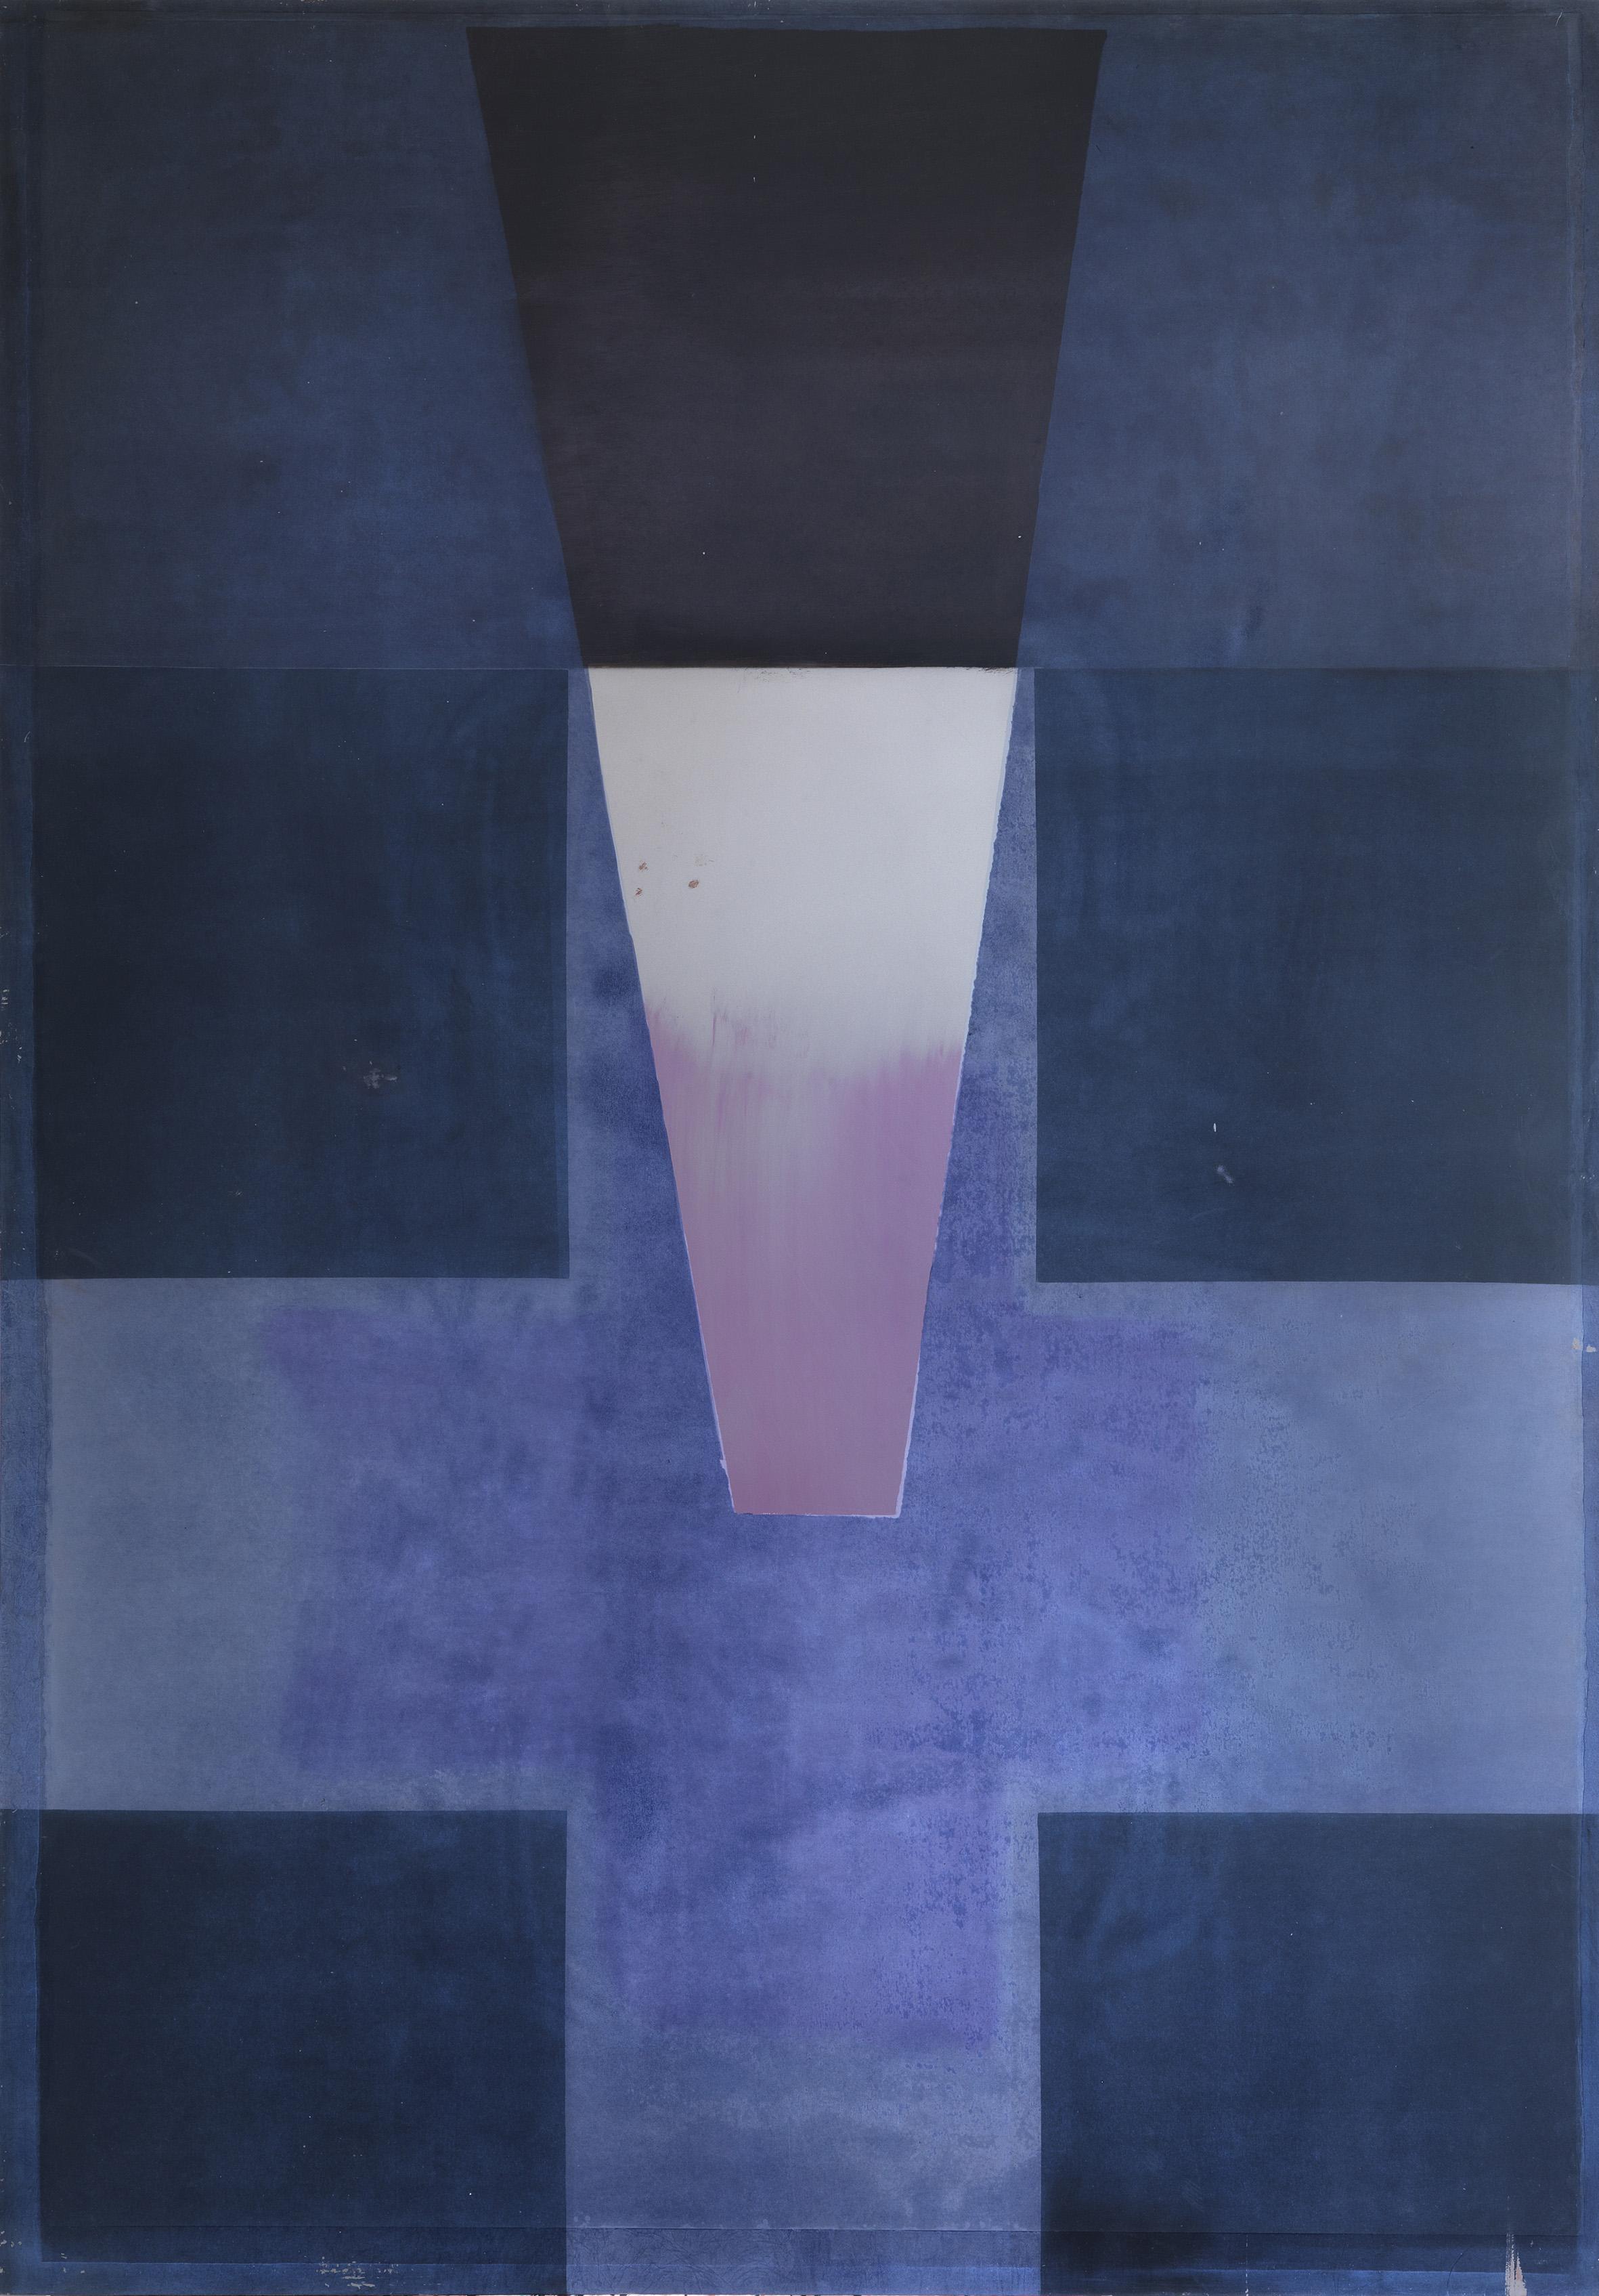 Roberto Ciaccio, Grande croce di ferro blu e rosa, 2010 - Collezione privata, Lugano